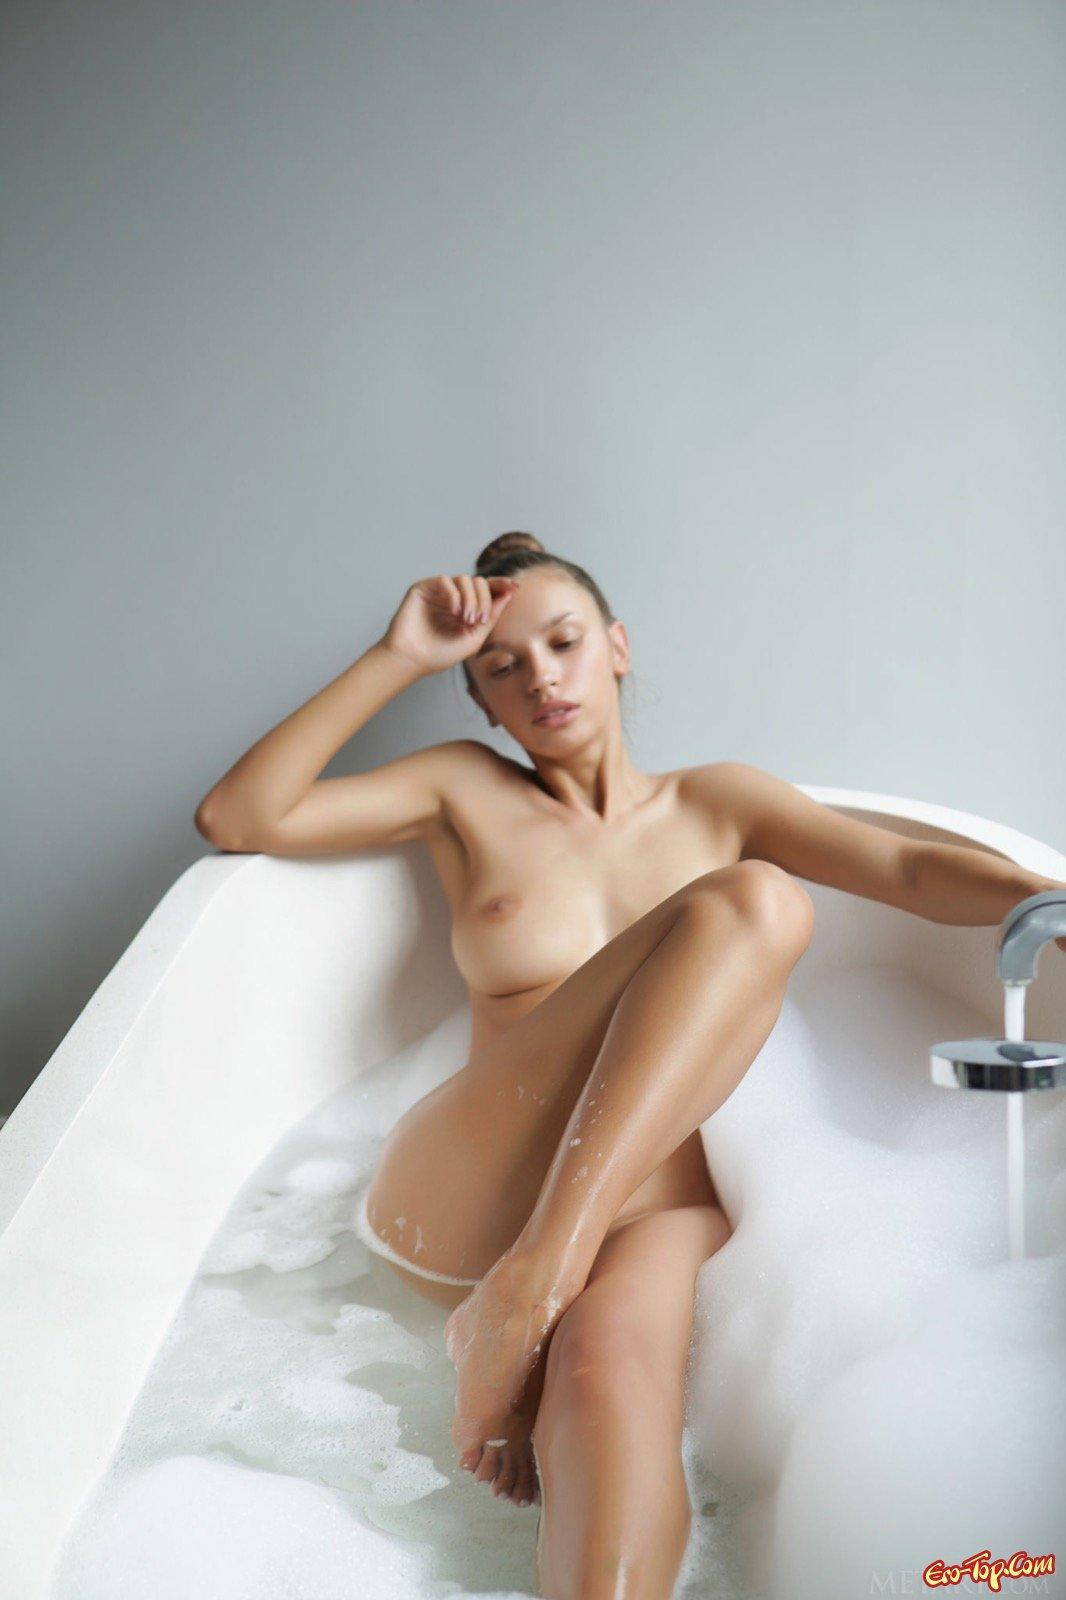 Сексуальная девушка намочилась в ванной